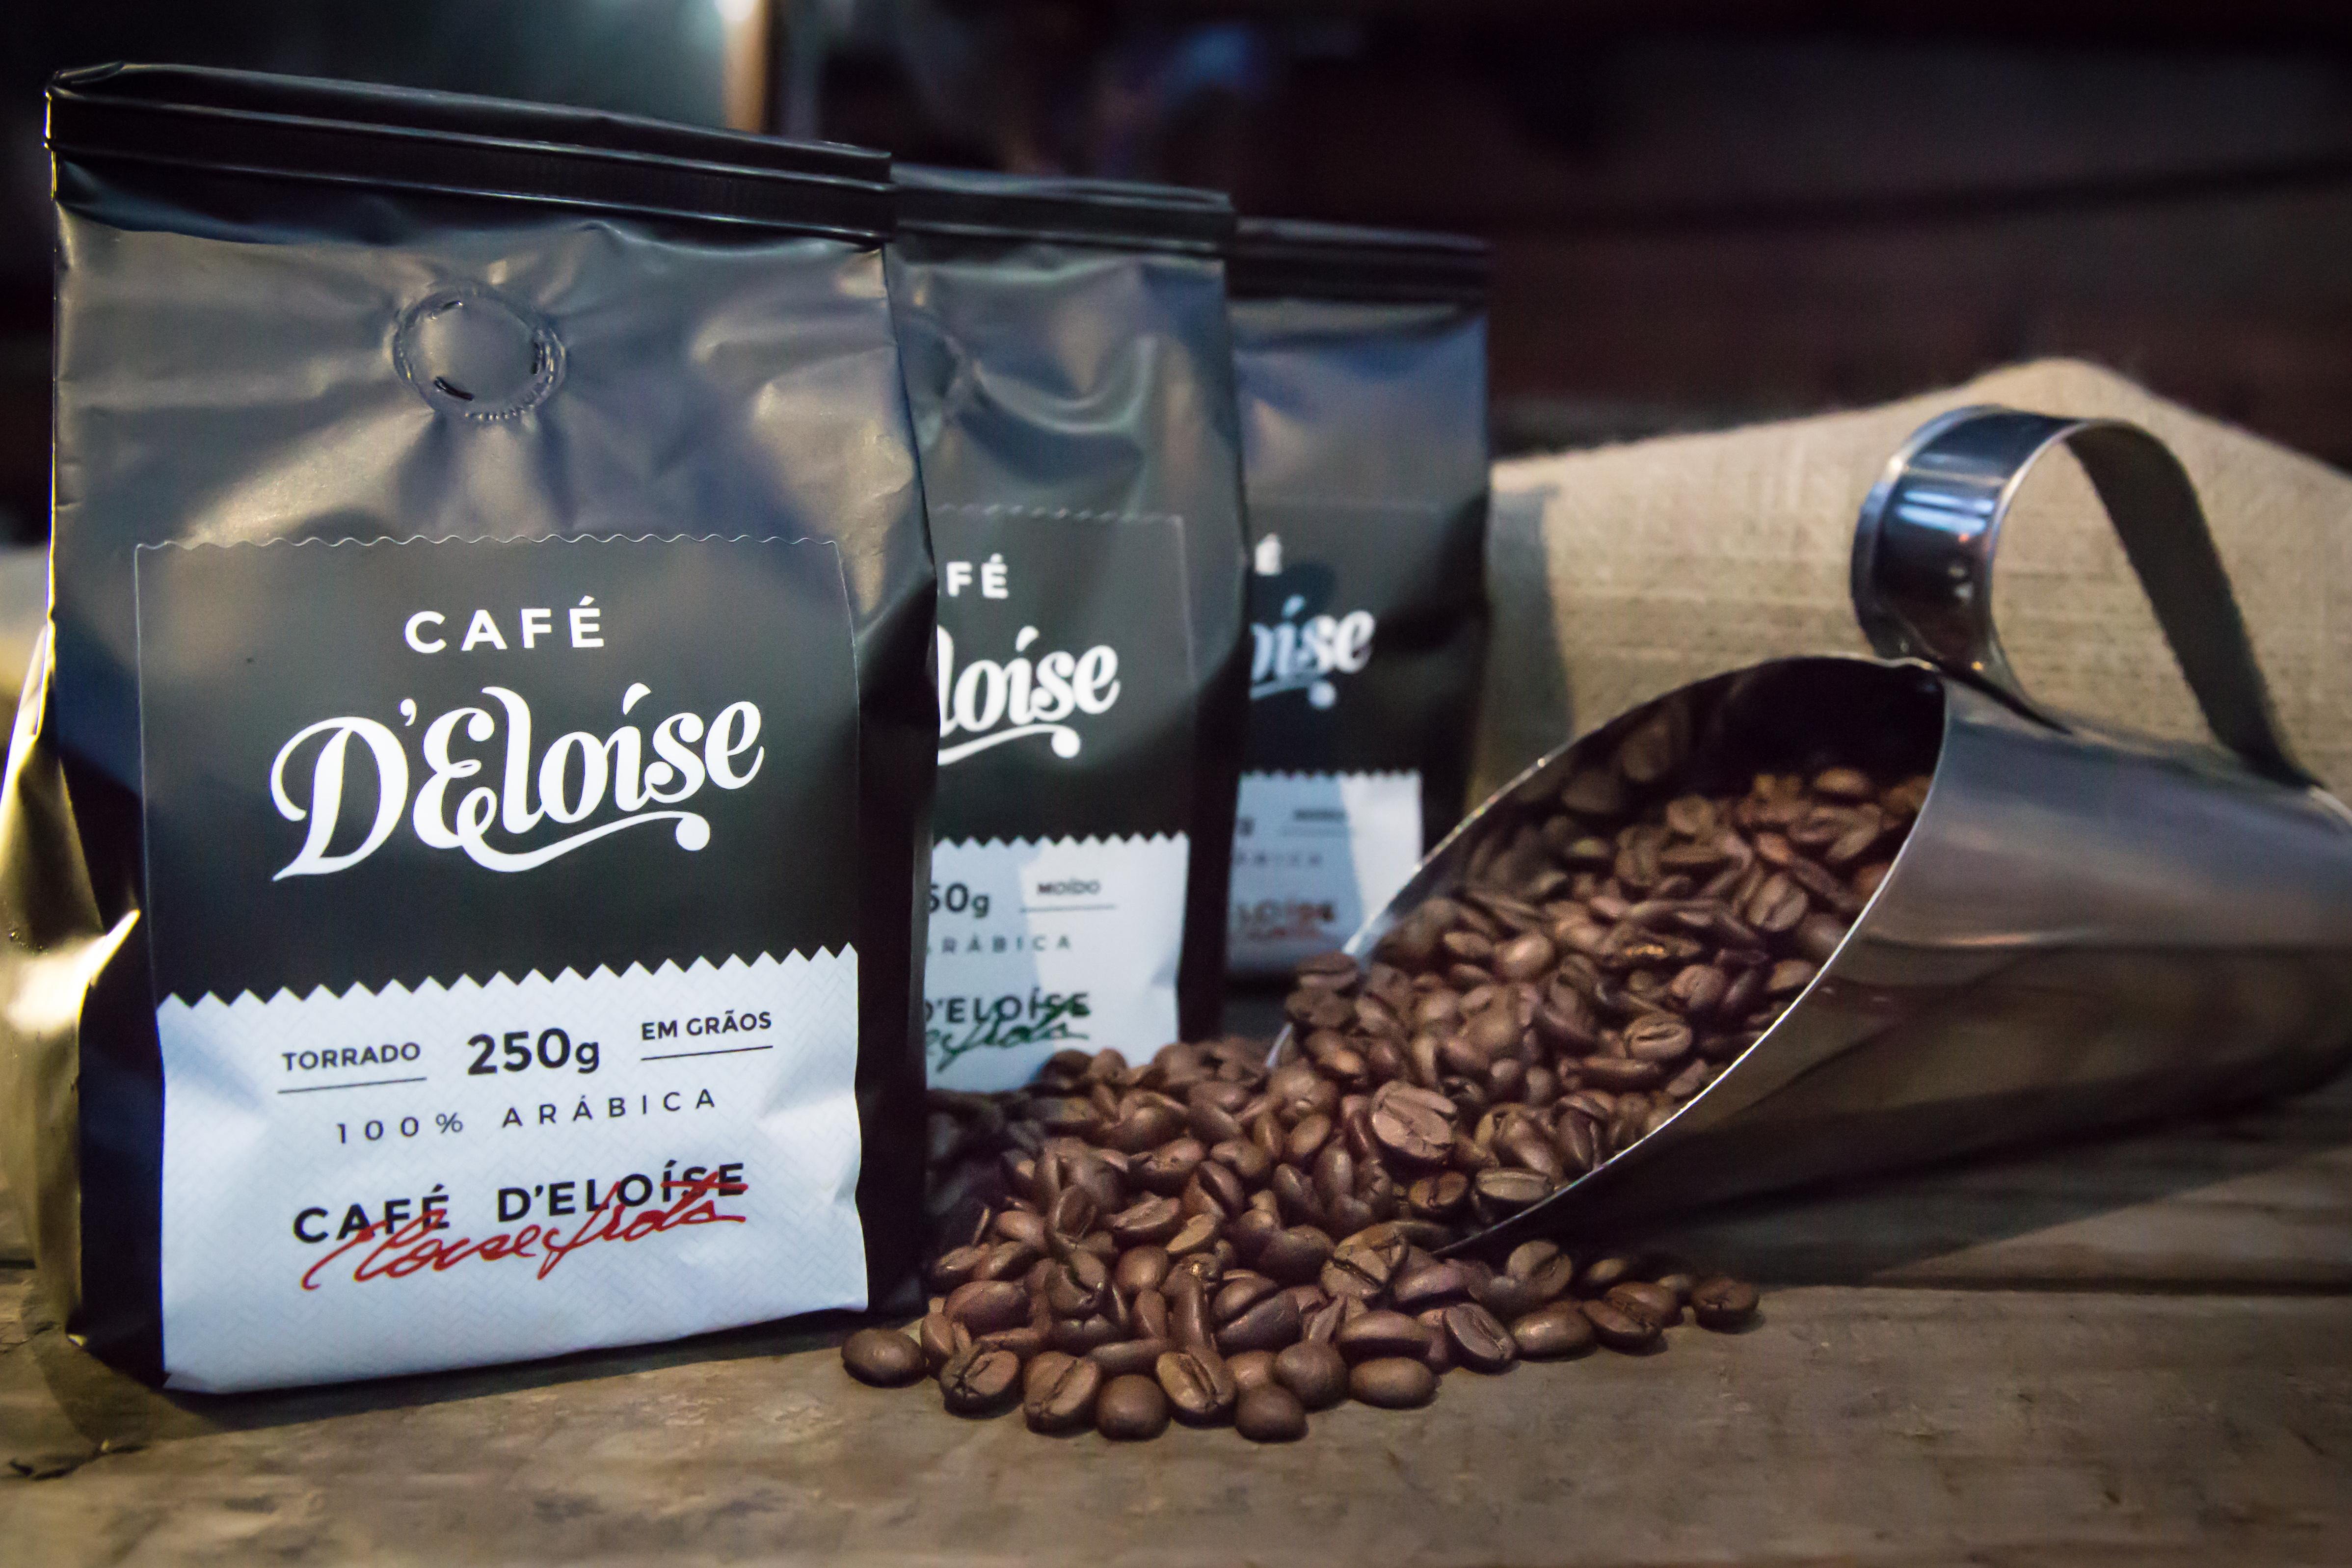 CAFÉ D'ELOÍSE